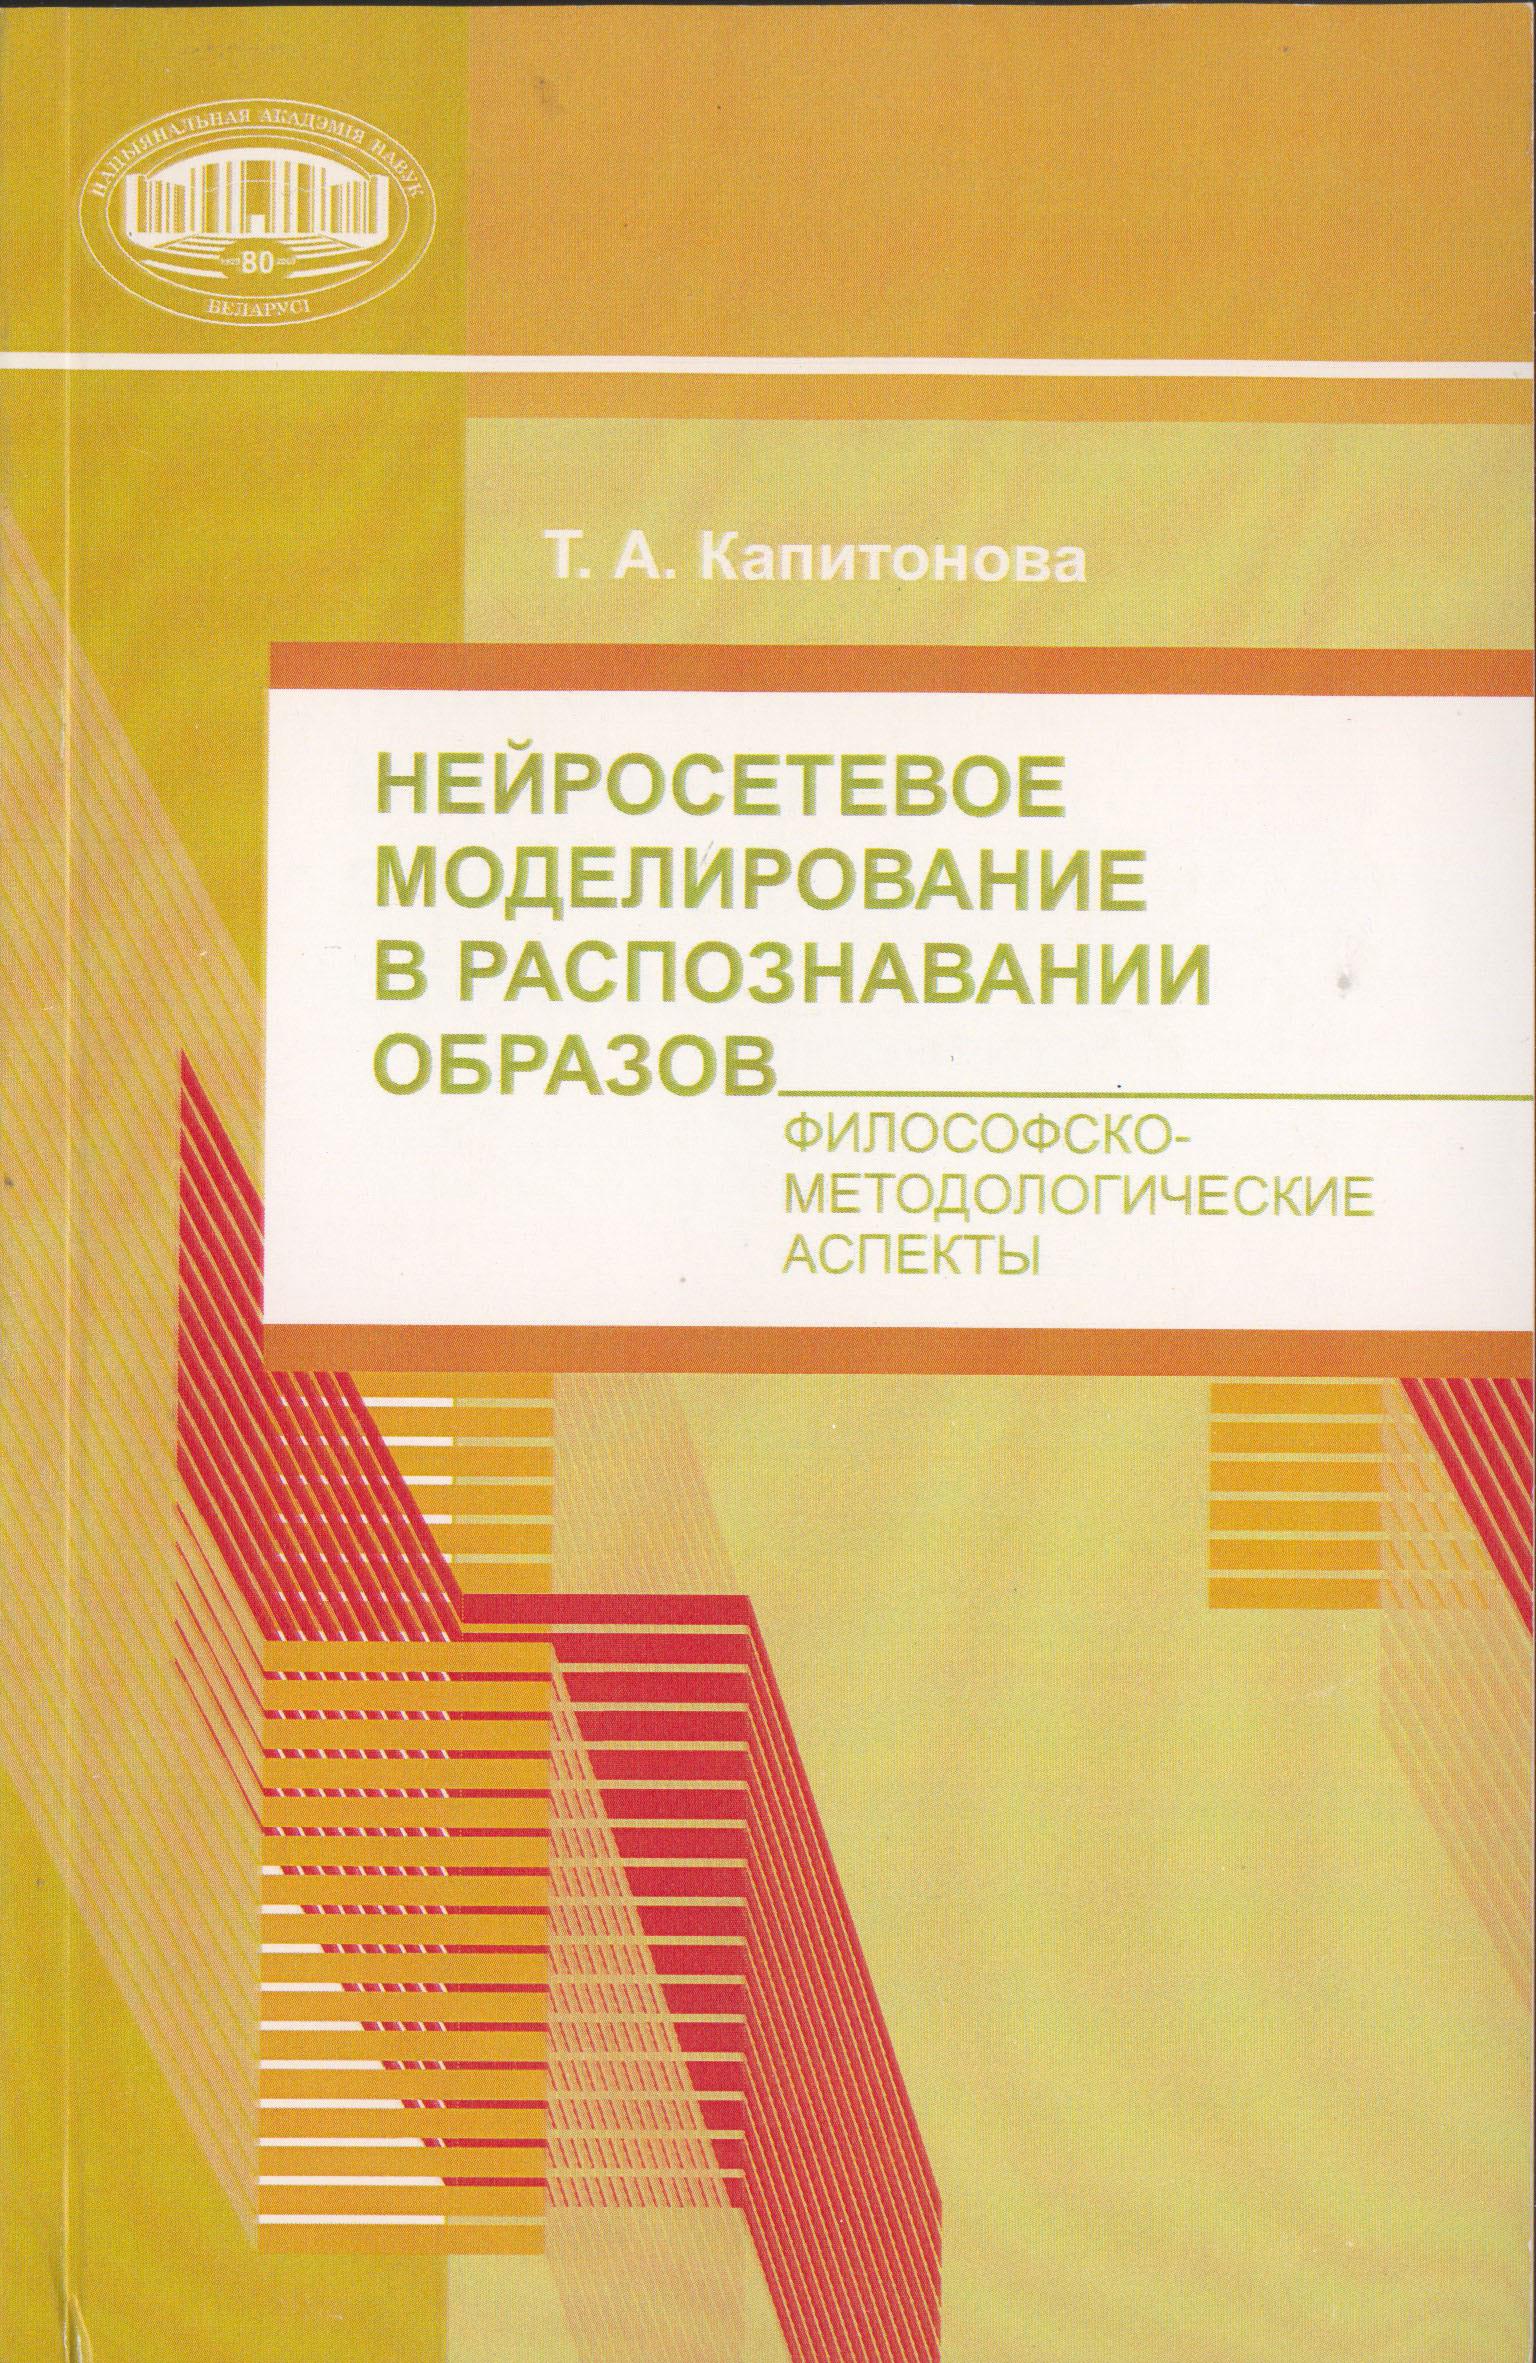 Т. А. Капитонова Нейросетевое моделирование в распознавании образов. Философско-методические аспекты